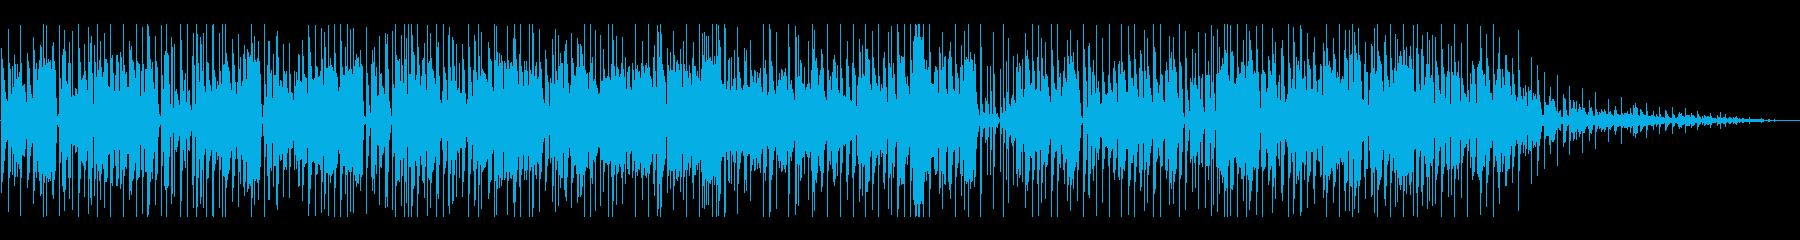 お洒落なスムースジャズバラードの再生済みの波形